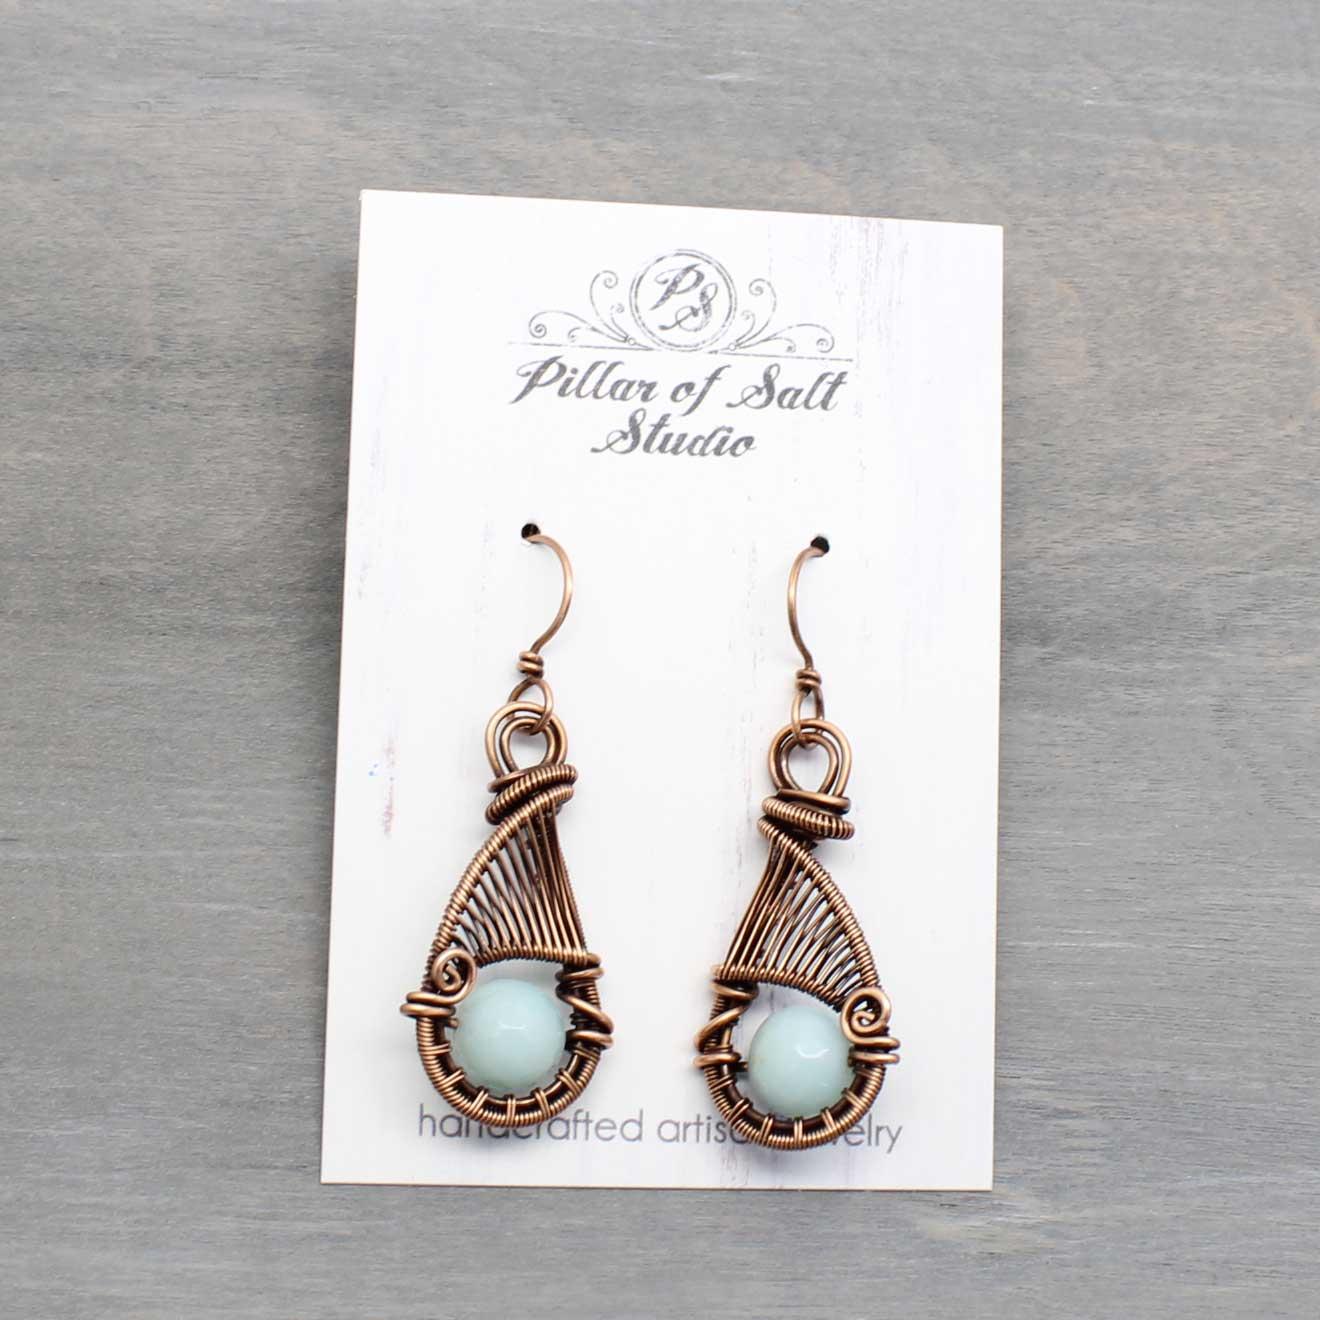 Pillar of Salt studio copper wire wrapped earrings.